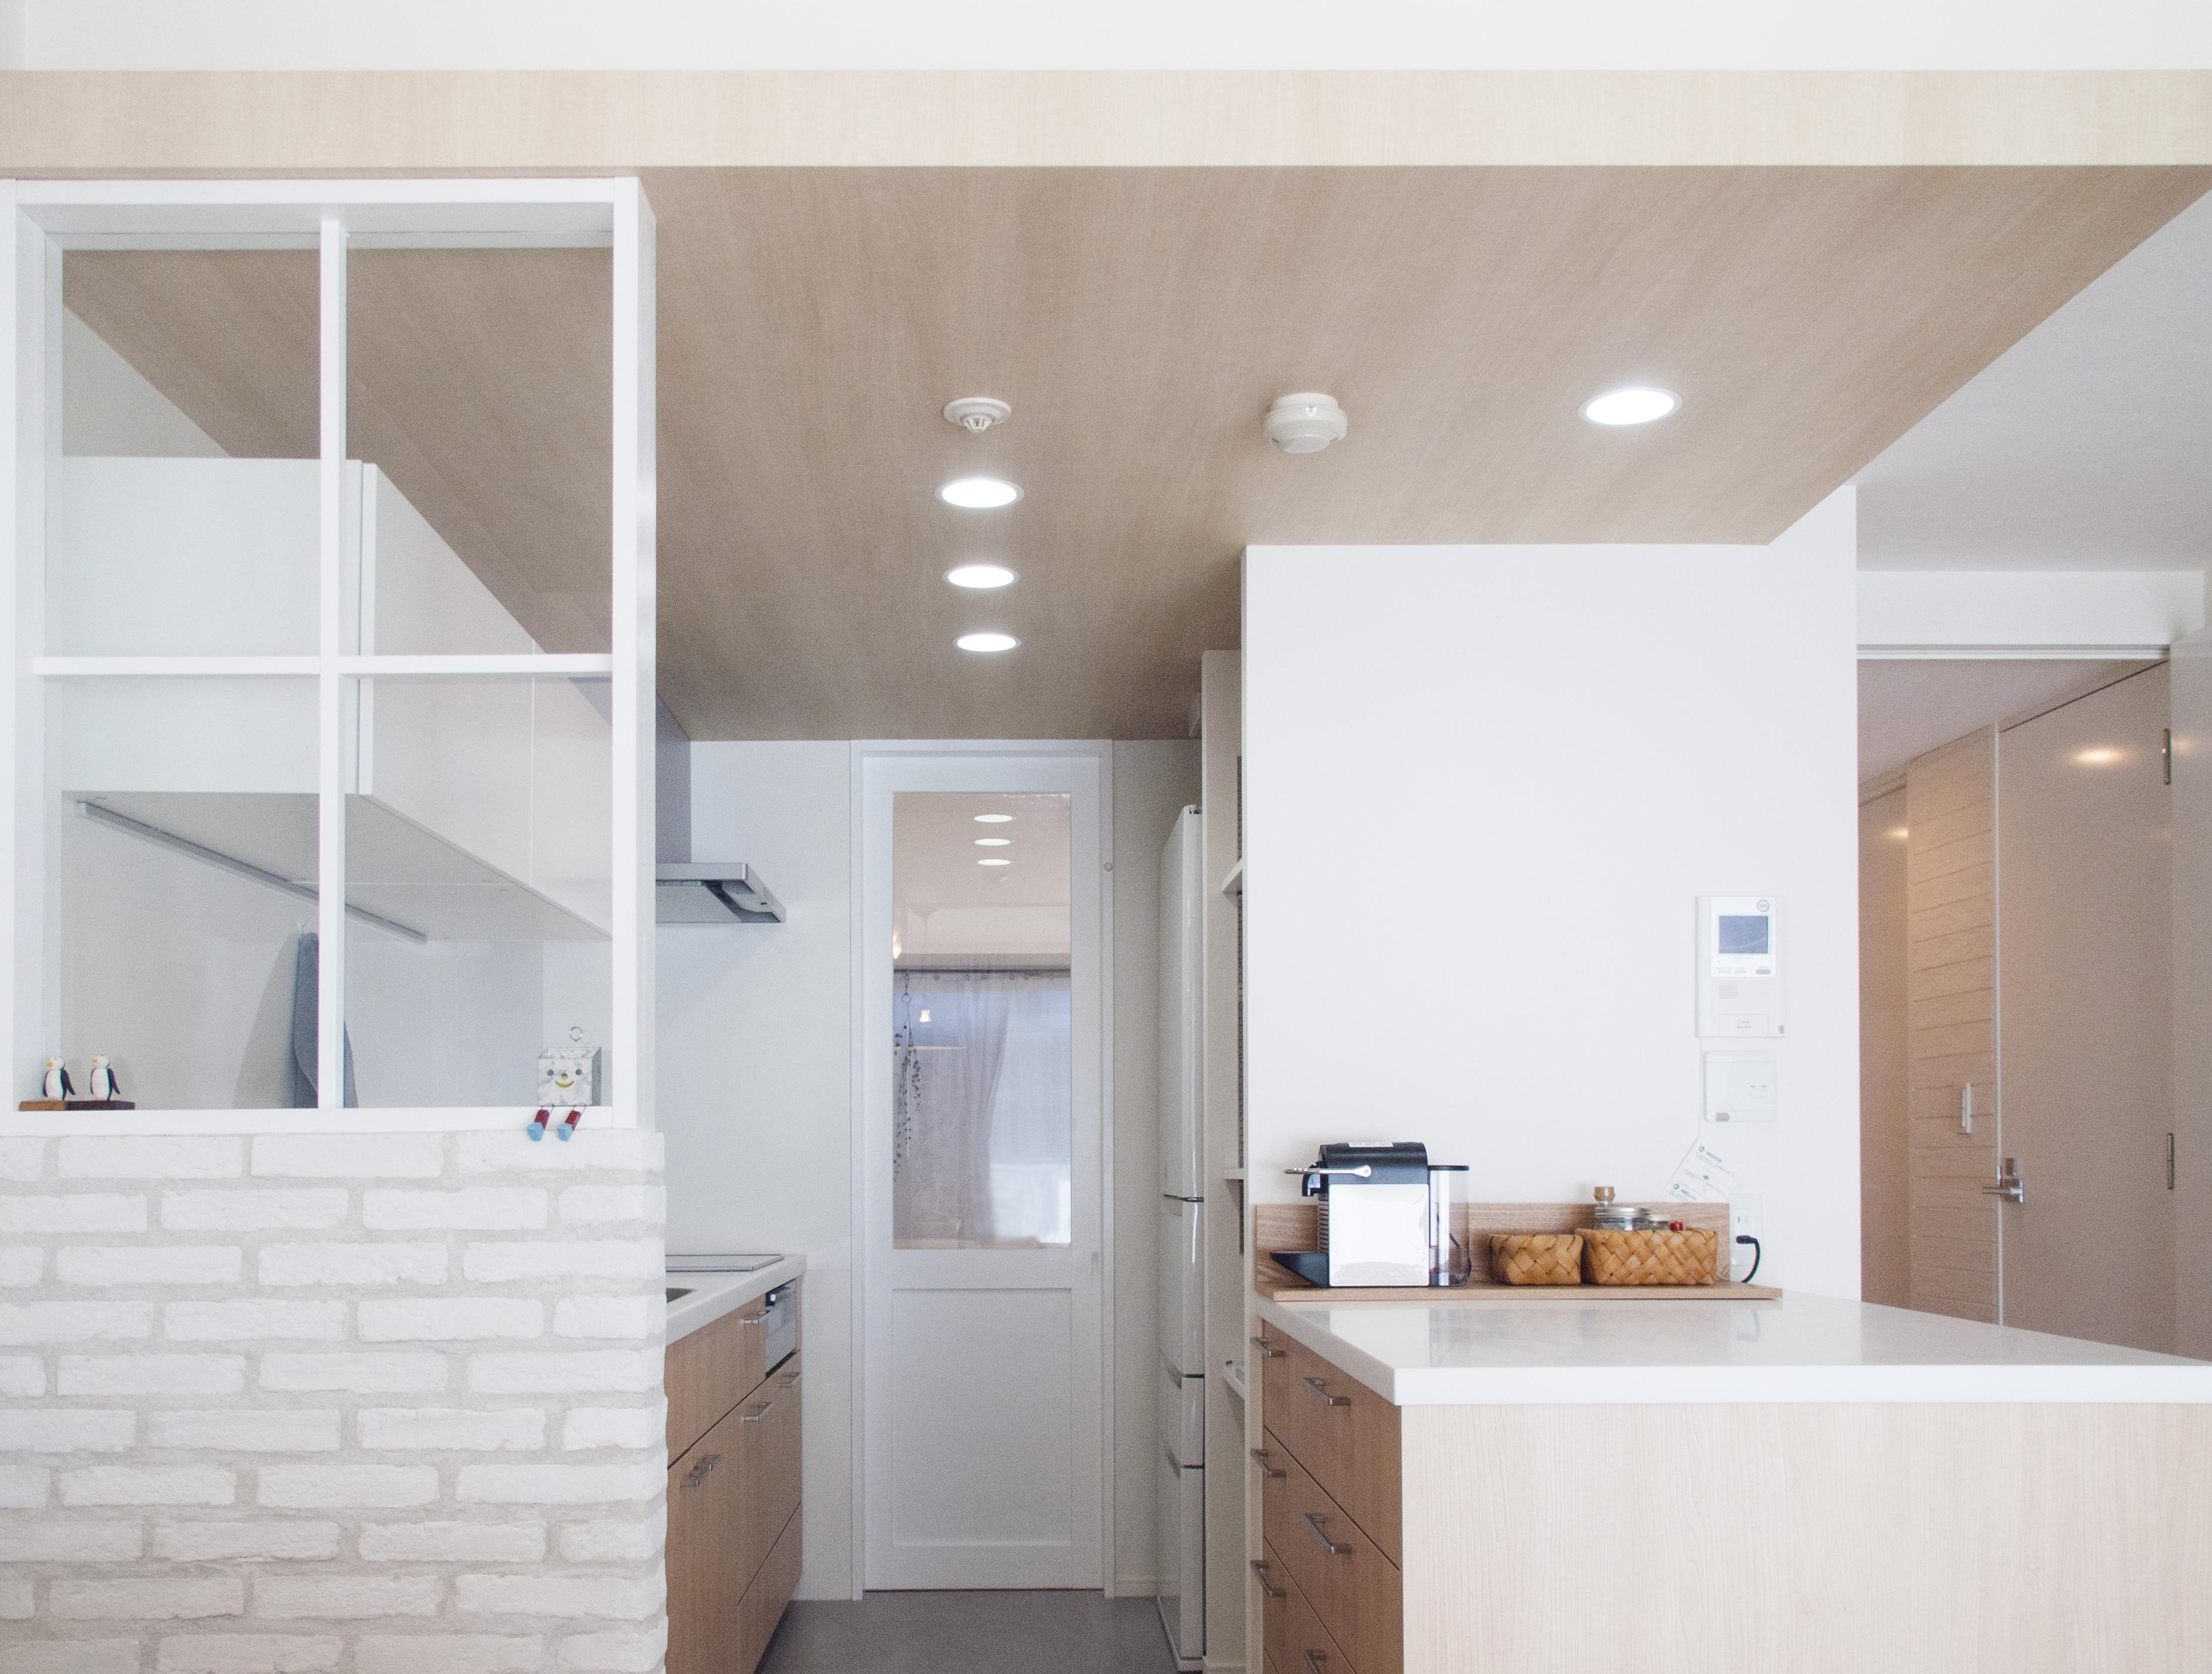 建築家とつくりあげた理想のリノベーション空間の部屋 キッチンを進むと寝室スペースへ